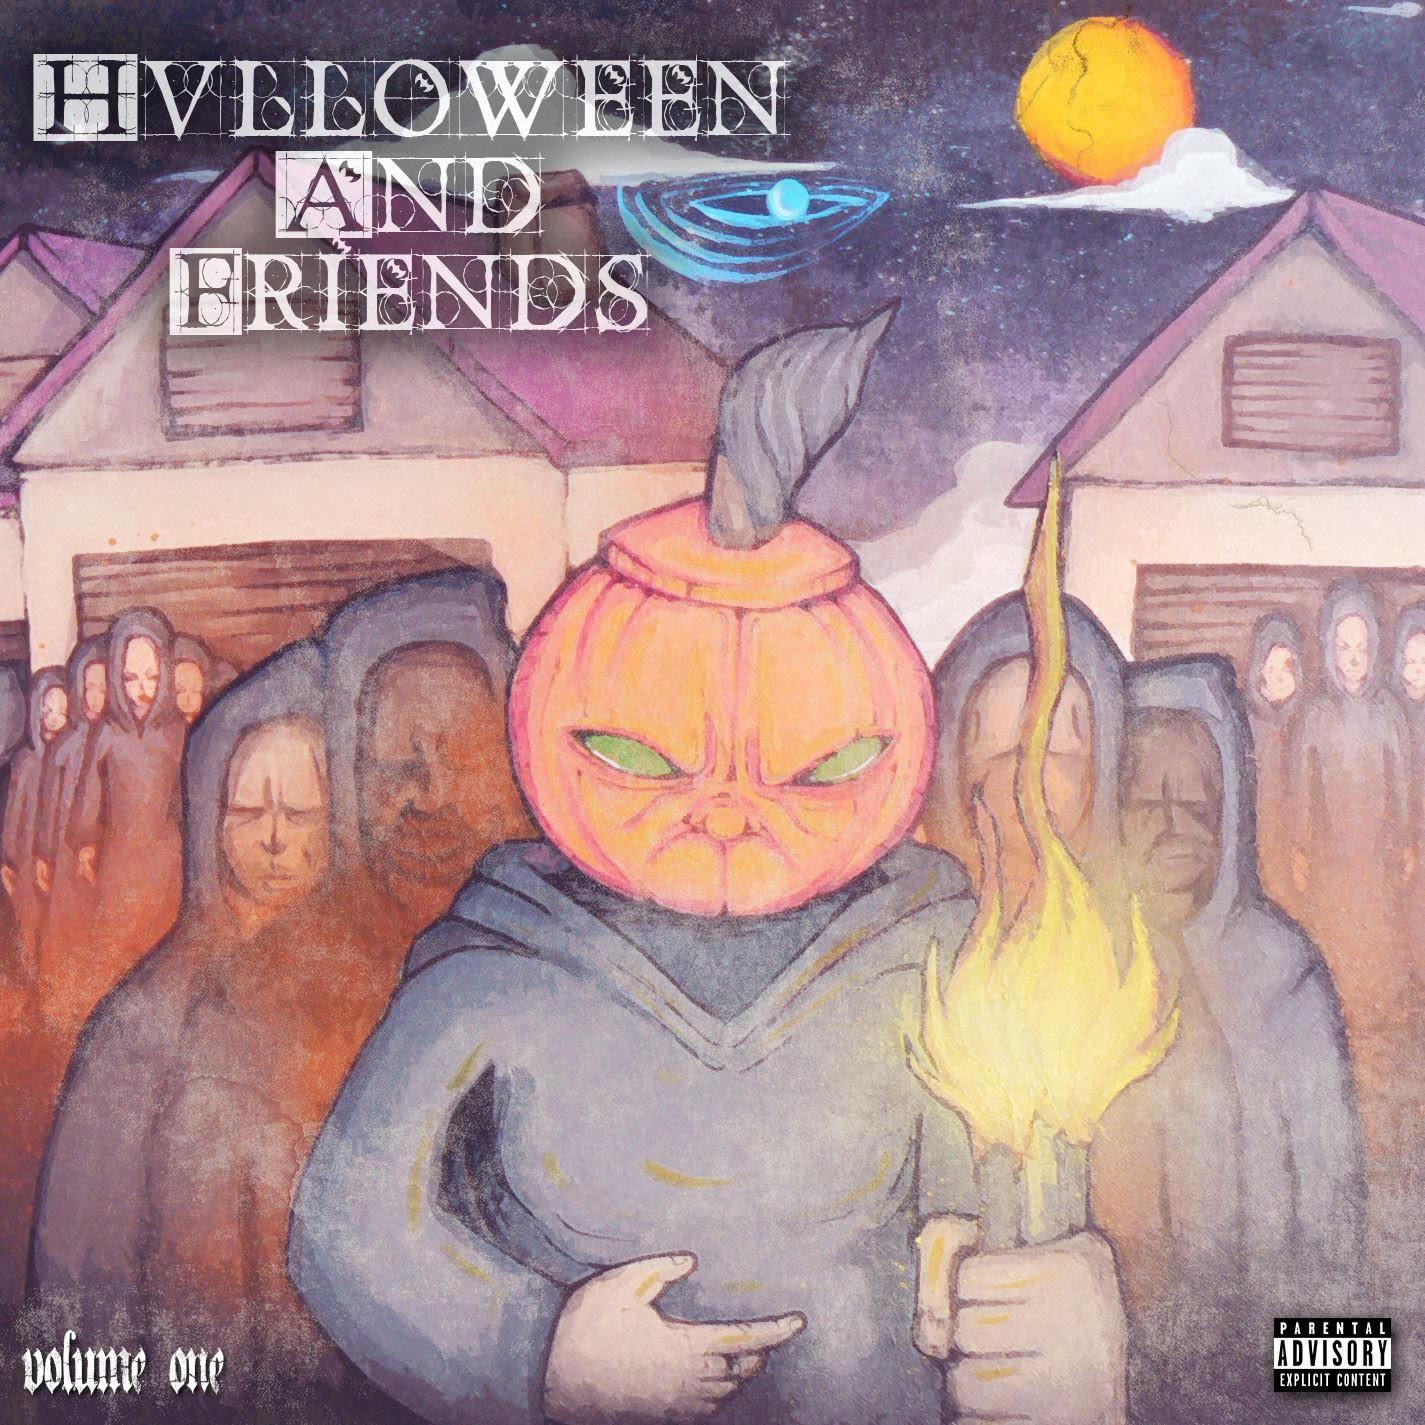 New Music: Hvlloween – Hvlloween And Friends | @Hvlloween9